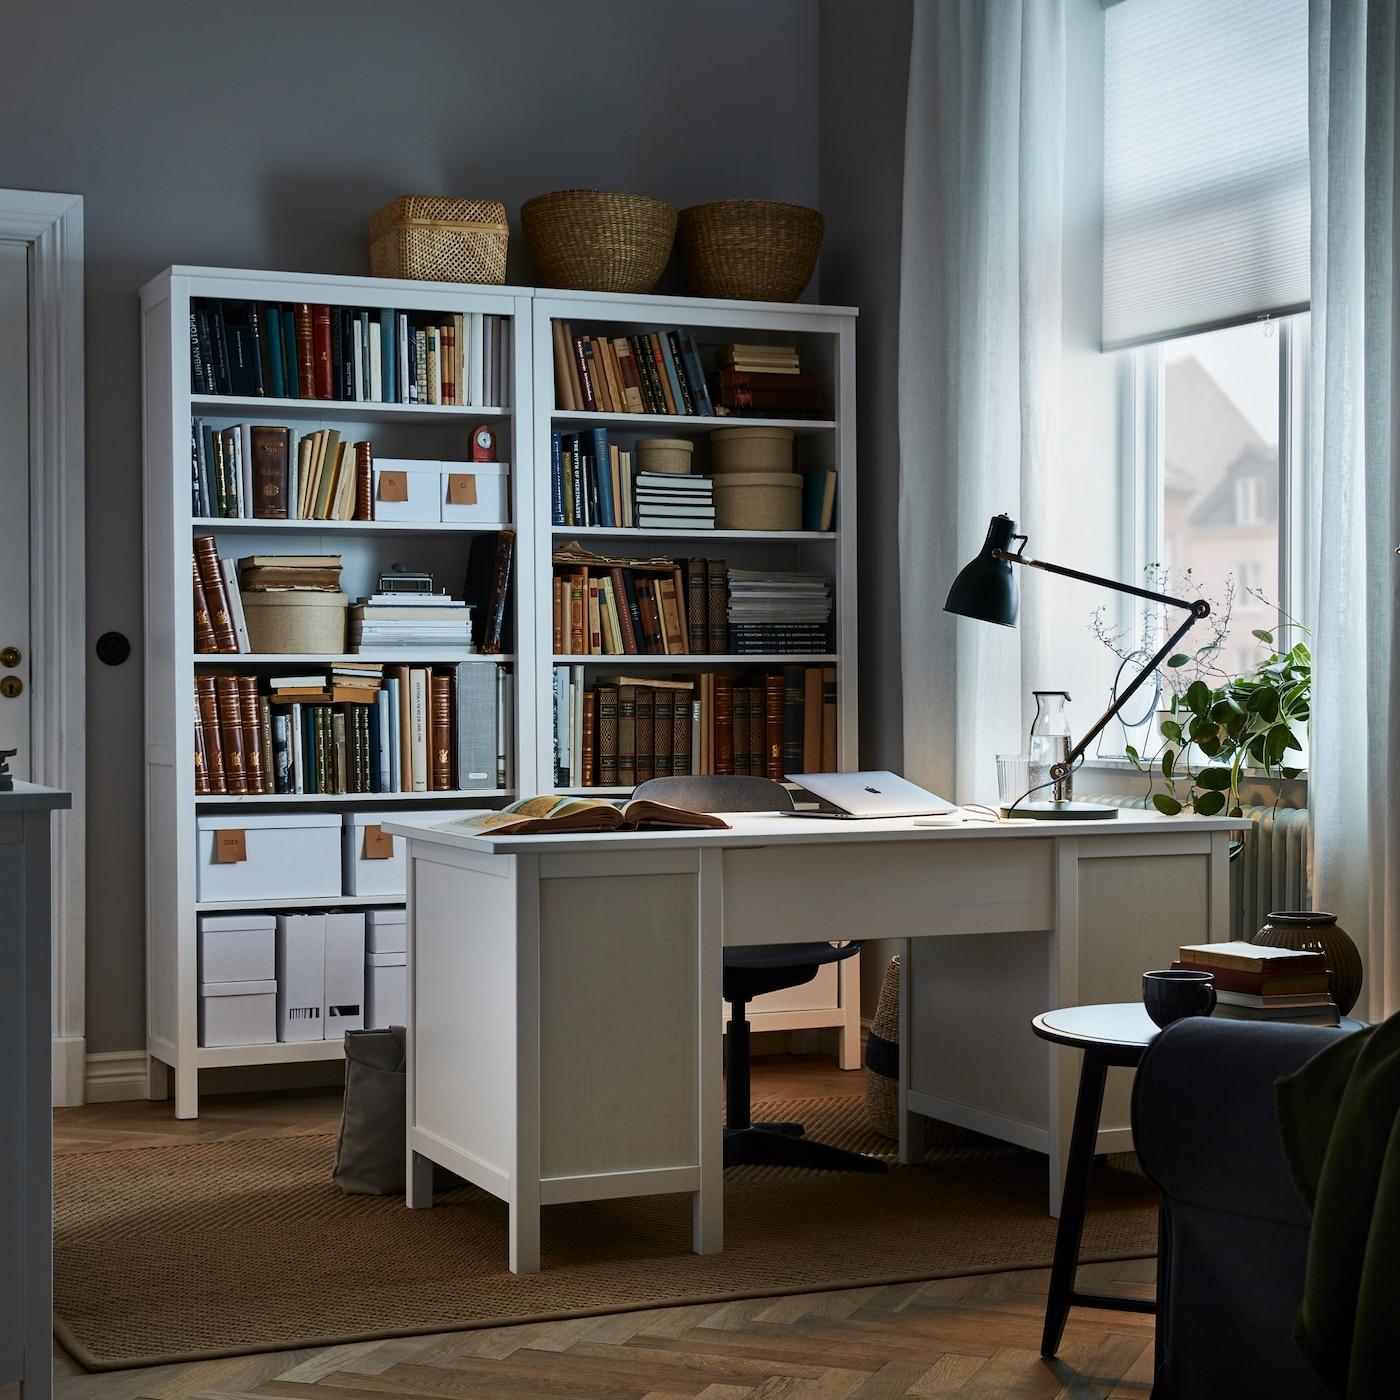 ホワイトのデスクが中央に置かれた部屋。デスクチェアの後ろには統一感のあるデザインの背の高い書棚があり、デスクの上にはグリーンのワークランプが置かれています。